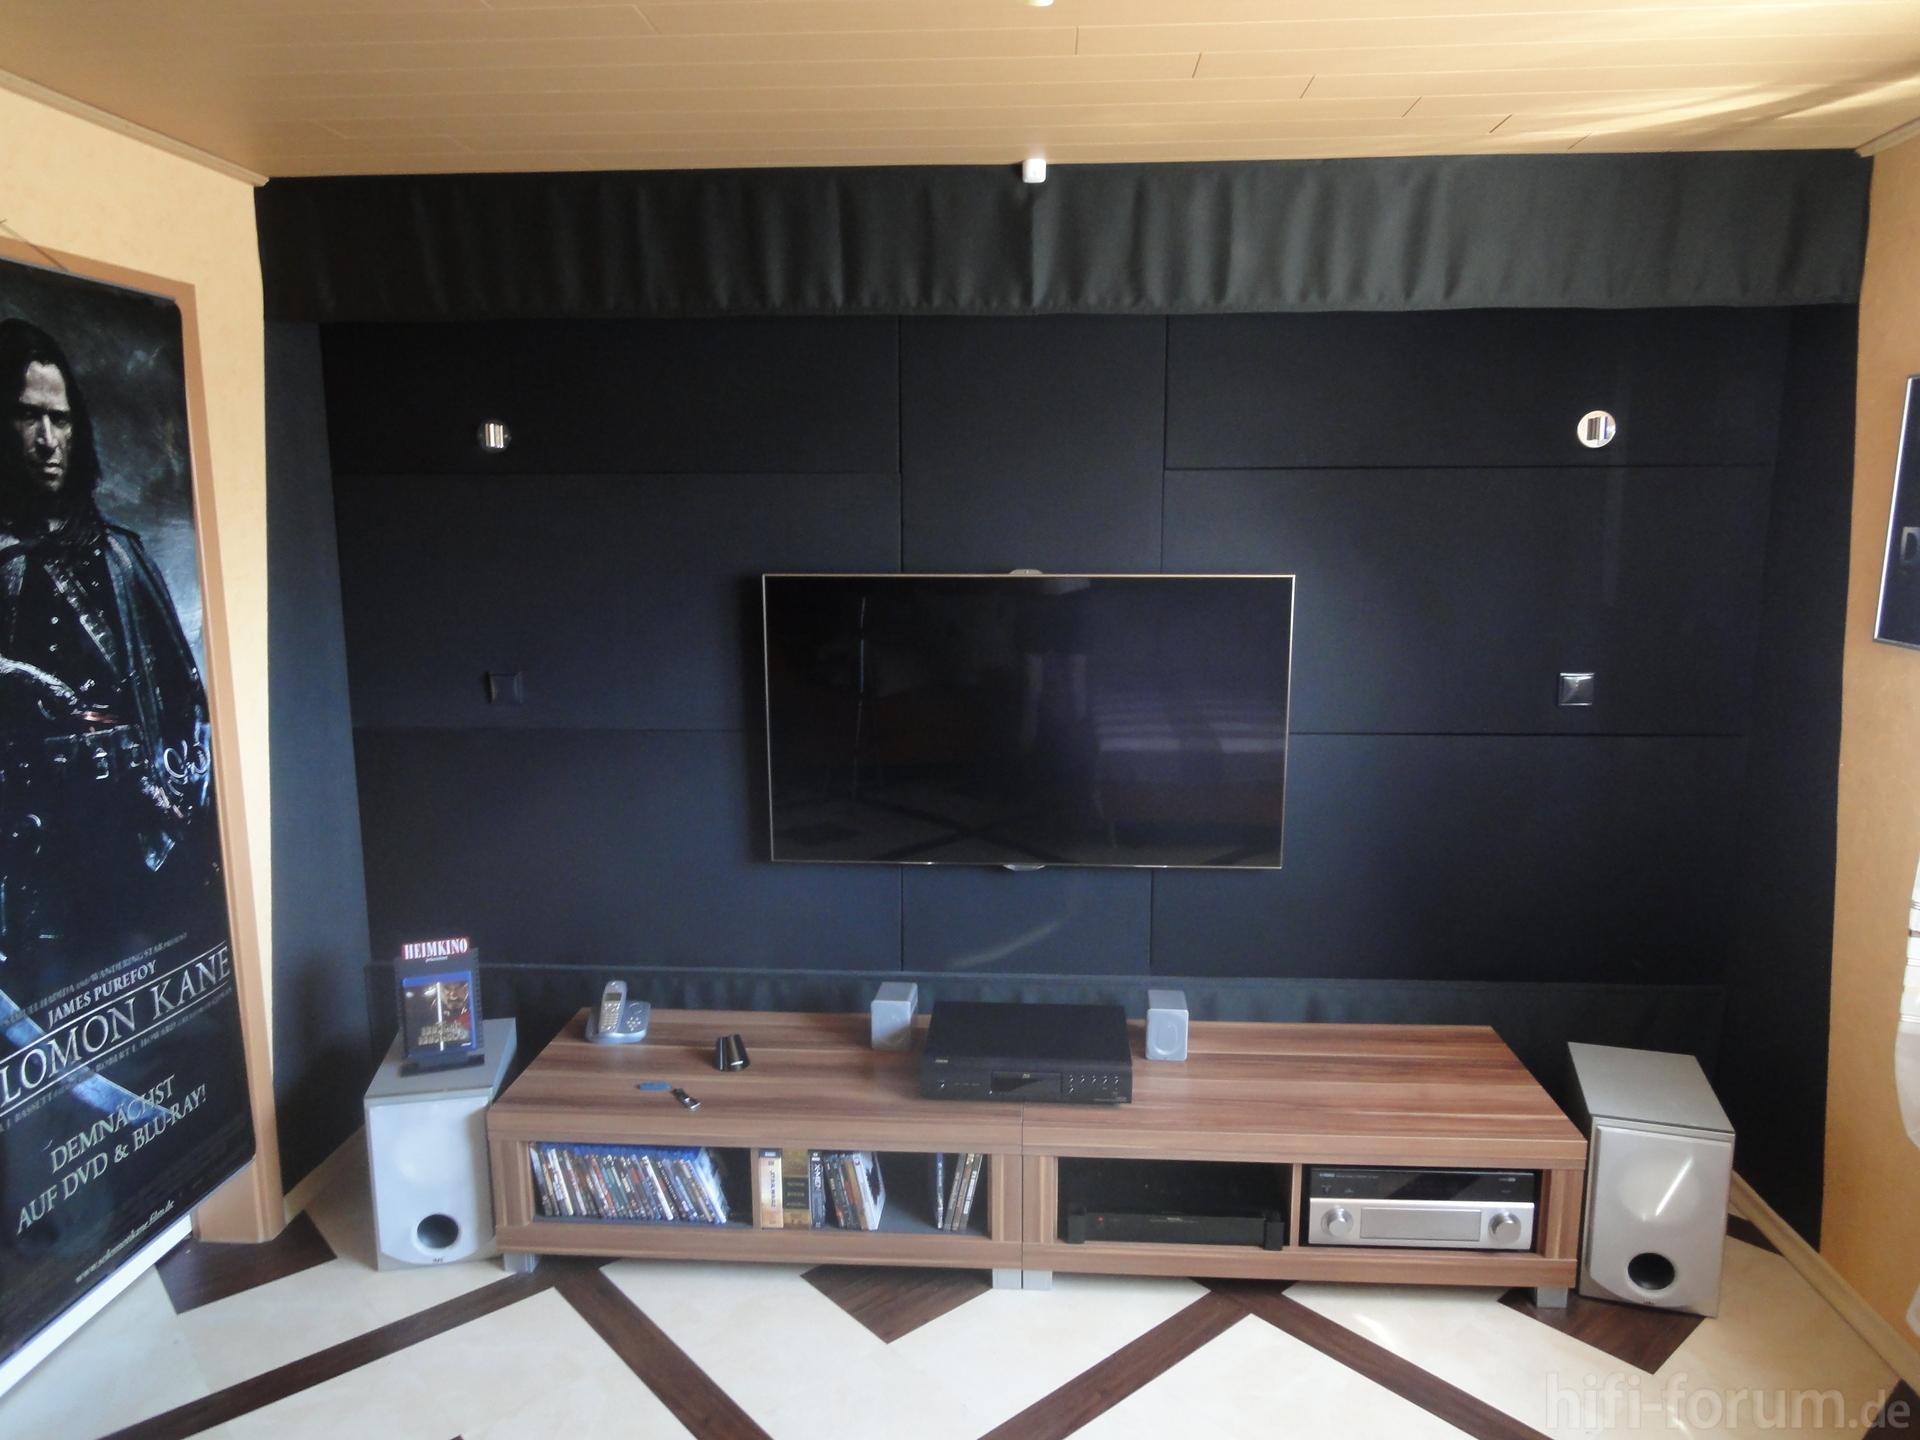 Frontansicht frontansicht hifi bildergalerie - Wohnzimmer fernsehwand ...